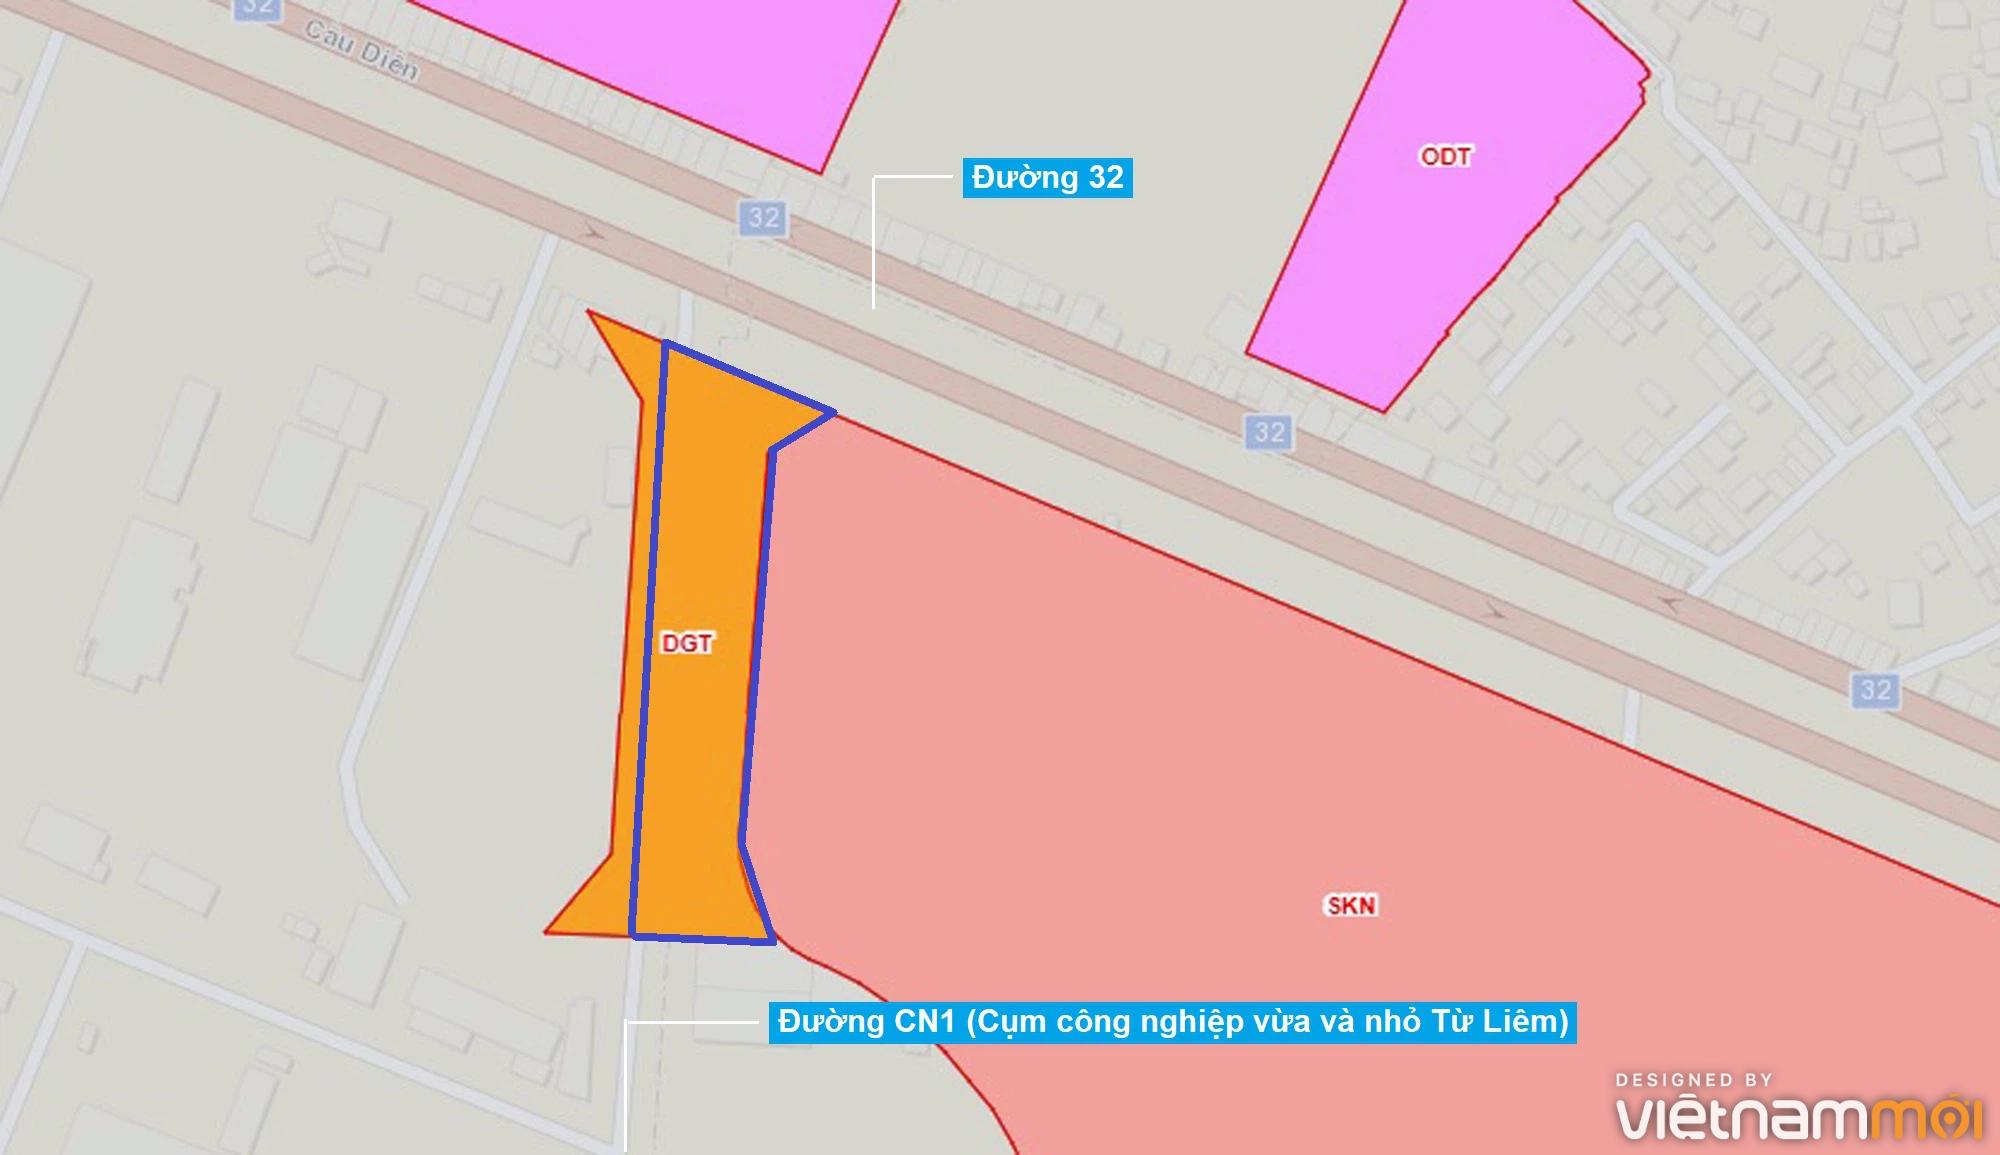 Những khu đất sắp thu hồi để mở đường ở phường Phúc Diễn, Bắc Từ Liêm, Hà Nội - Ảnh 6.